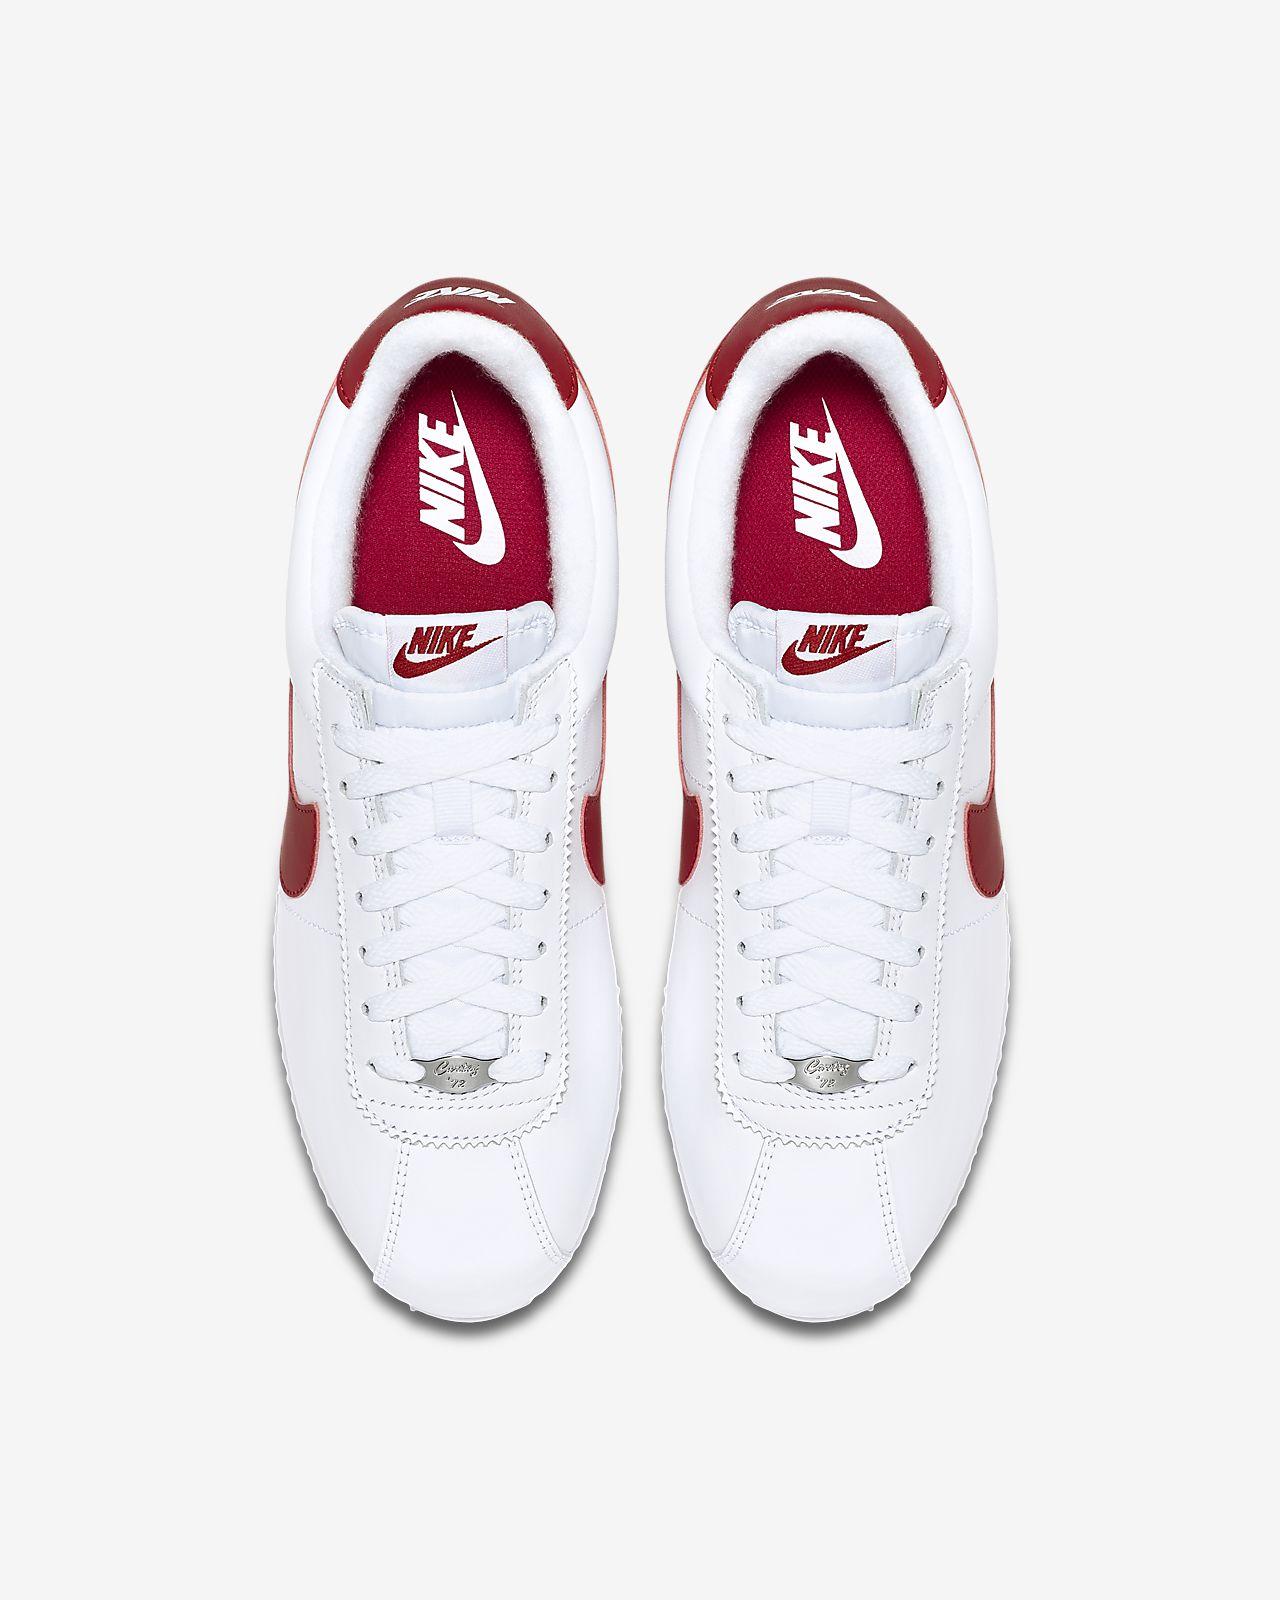 buy online 8adf4 69ad3 ... Nike Cortez Basic Leather OG Men s Shoe